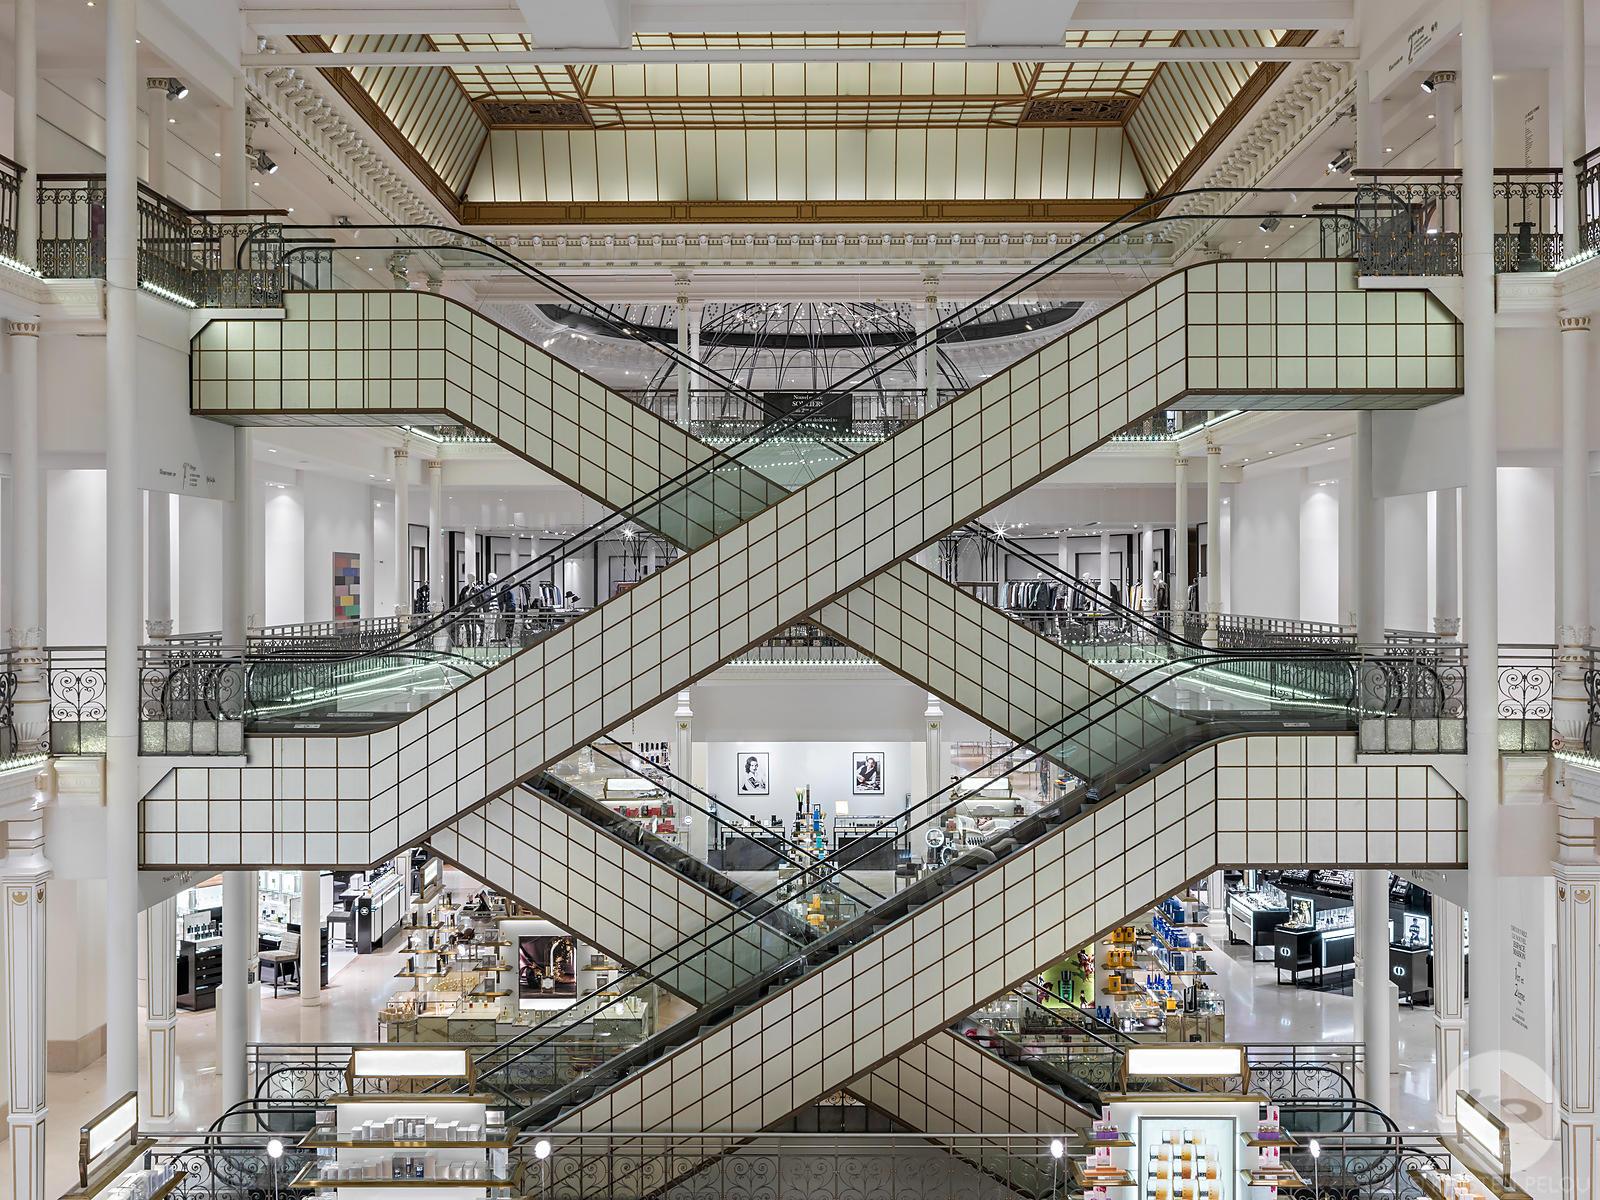 architecture photographe paris retail interior more le bon marche paris france. Black Bedroom Furniture Sets. Home Design Ideas